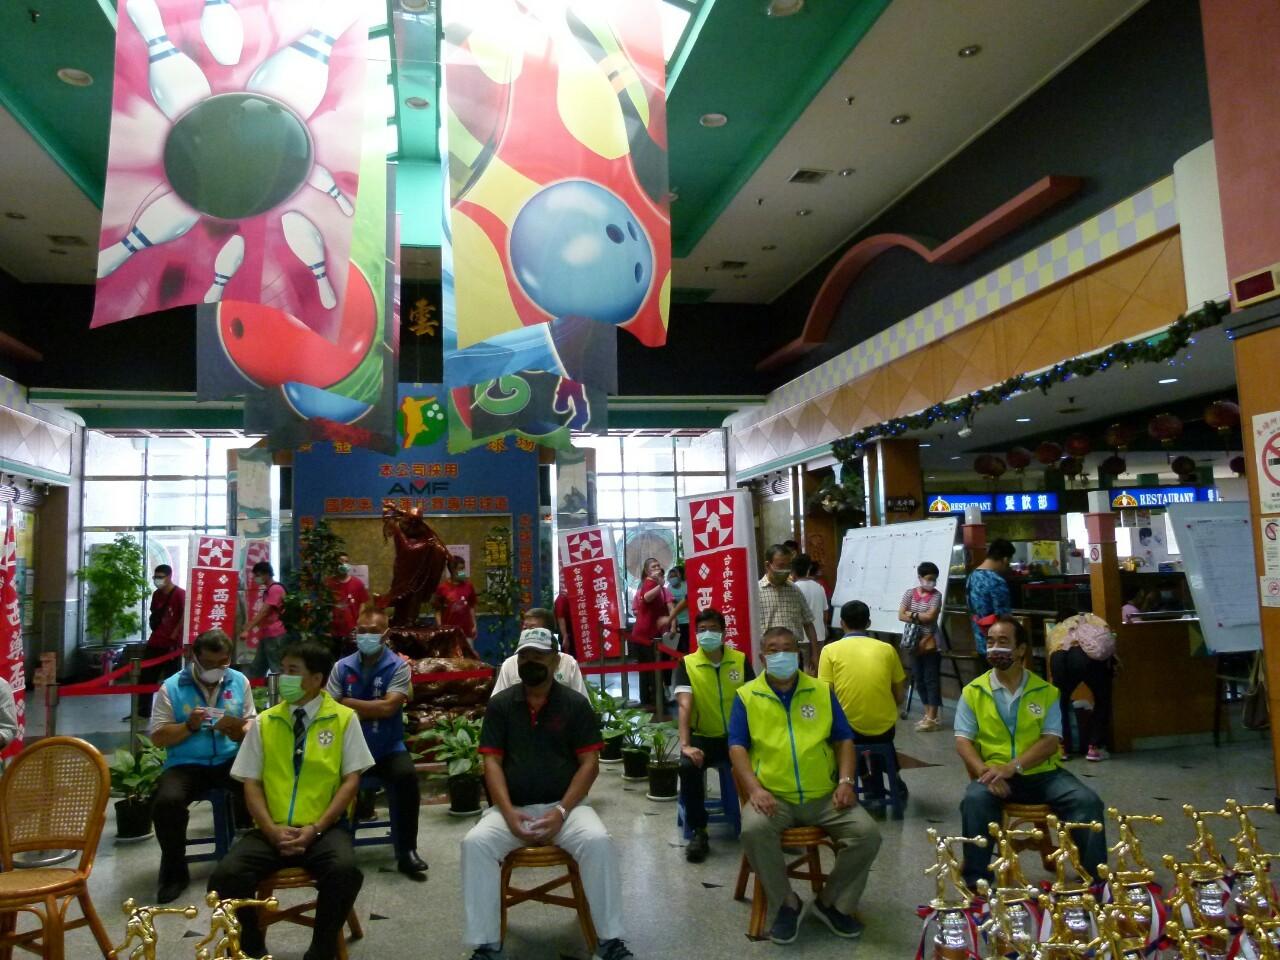 110年度公益活動臺南市西藥盃身心障礙者保齡球賽於黃金保齡球館舉行。_210830_34